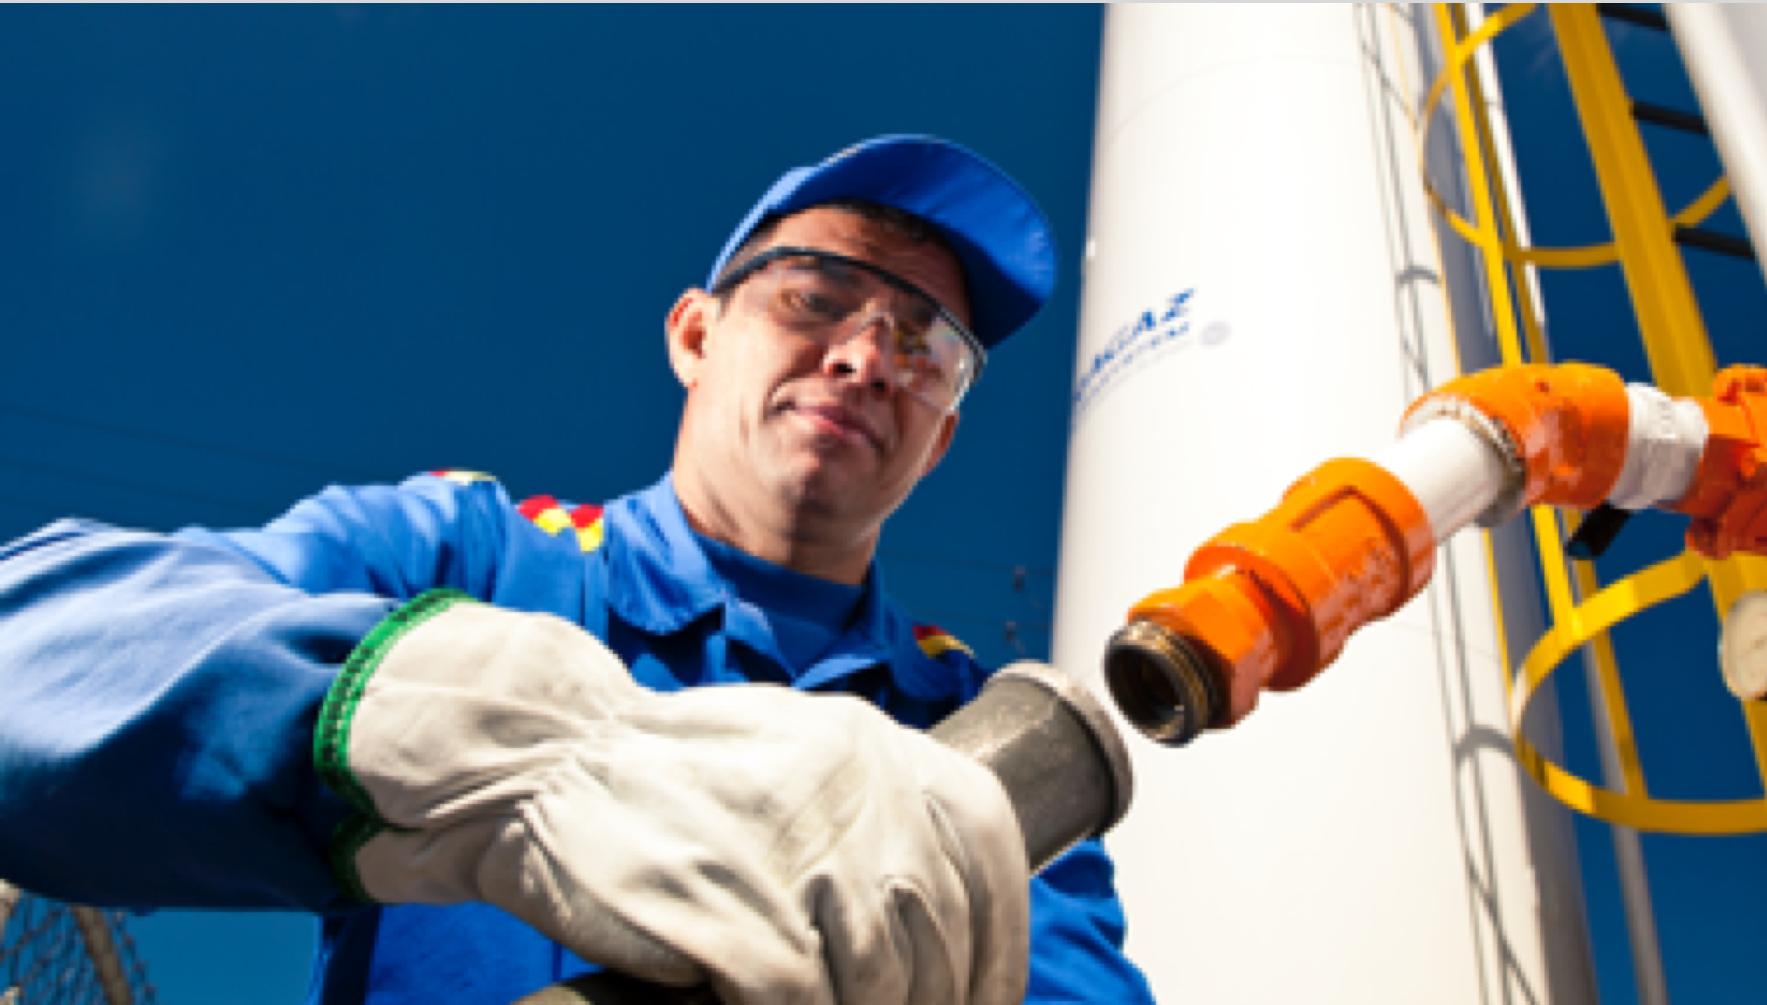 Foto do funcionário Ultragaz vestido com um macacão azul segurando um tubo de metal cinza. Ao fundo temos um cilindro muito grande,  branco com símbolo ultragaz estampado.  Ele está inclinado como se estivesse preste a conectar o tubo em outro tubo na cor laranja.